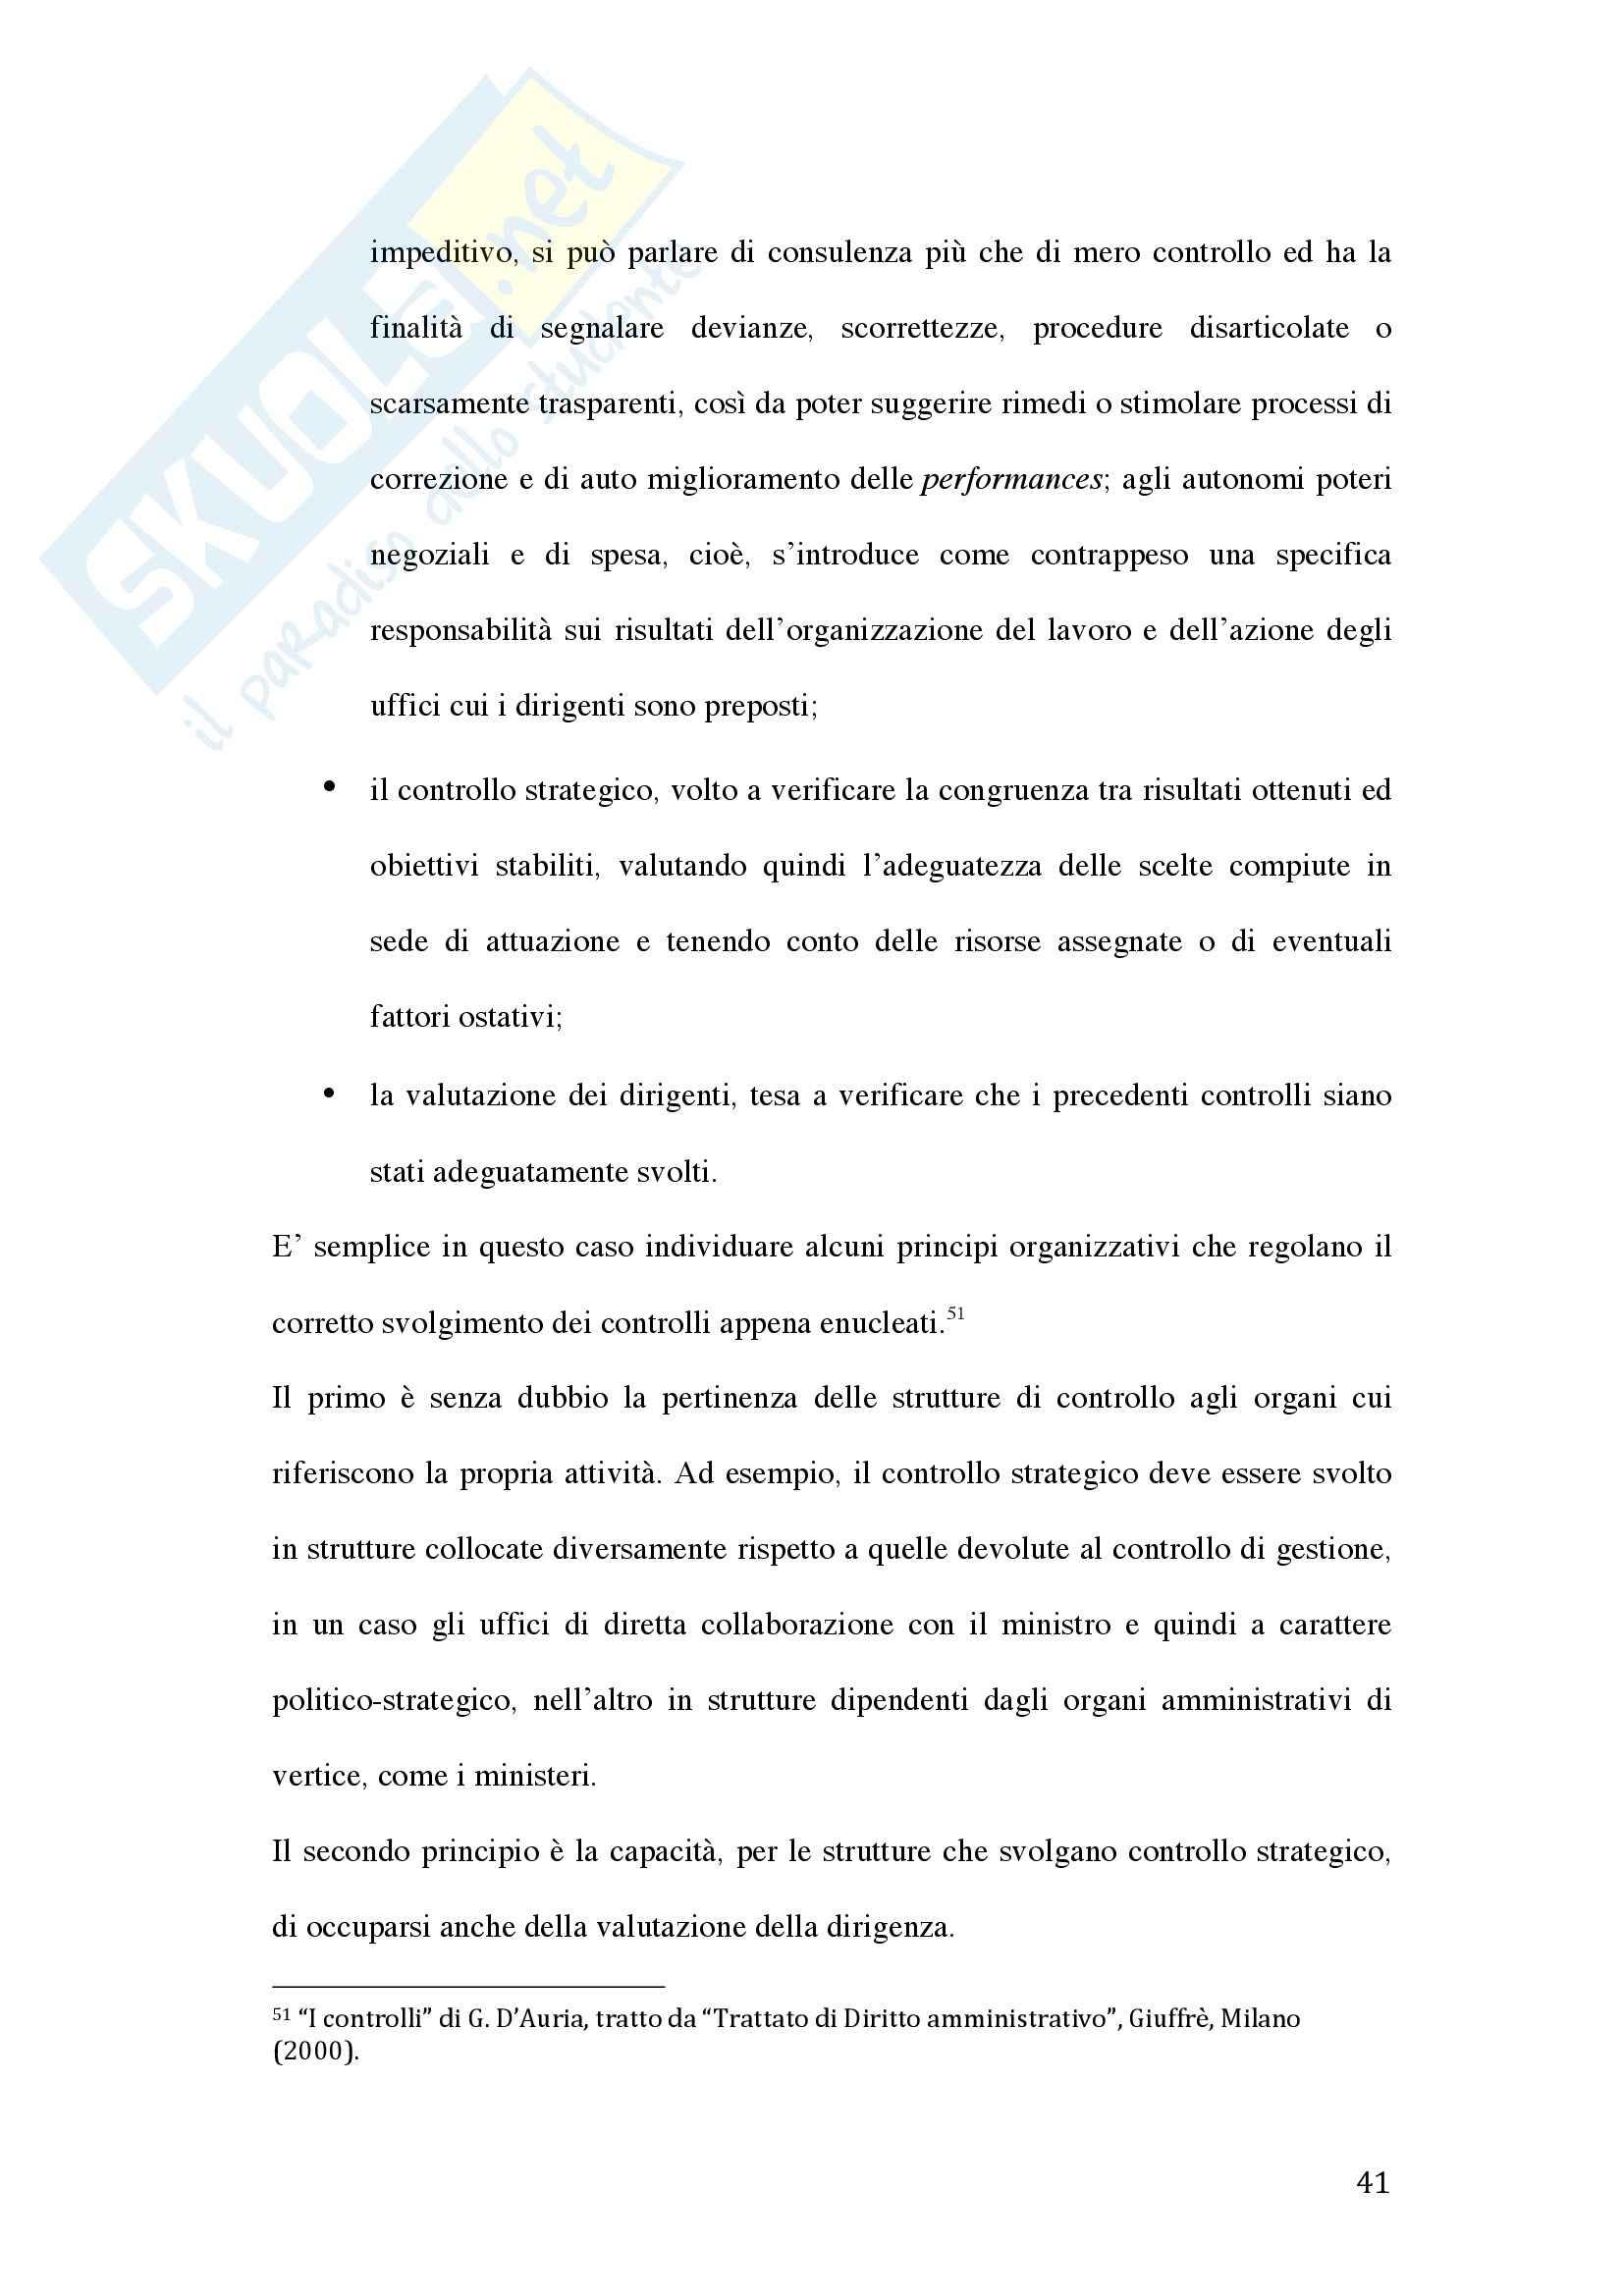 Tesi - La valutazione della dirigenza nelle pubbliche amministrazioni Pag. 41